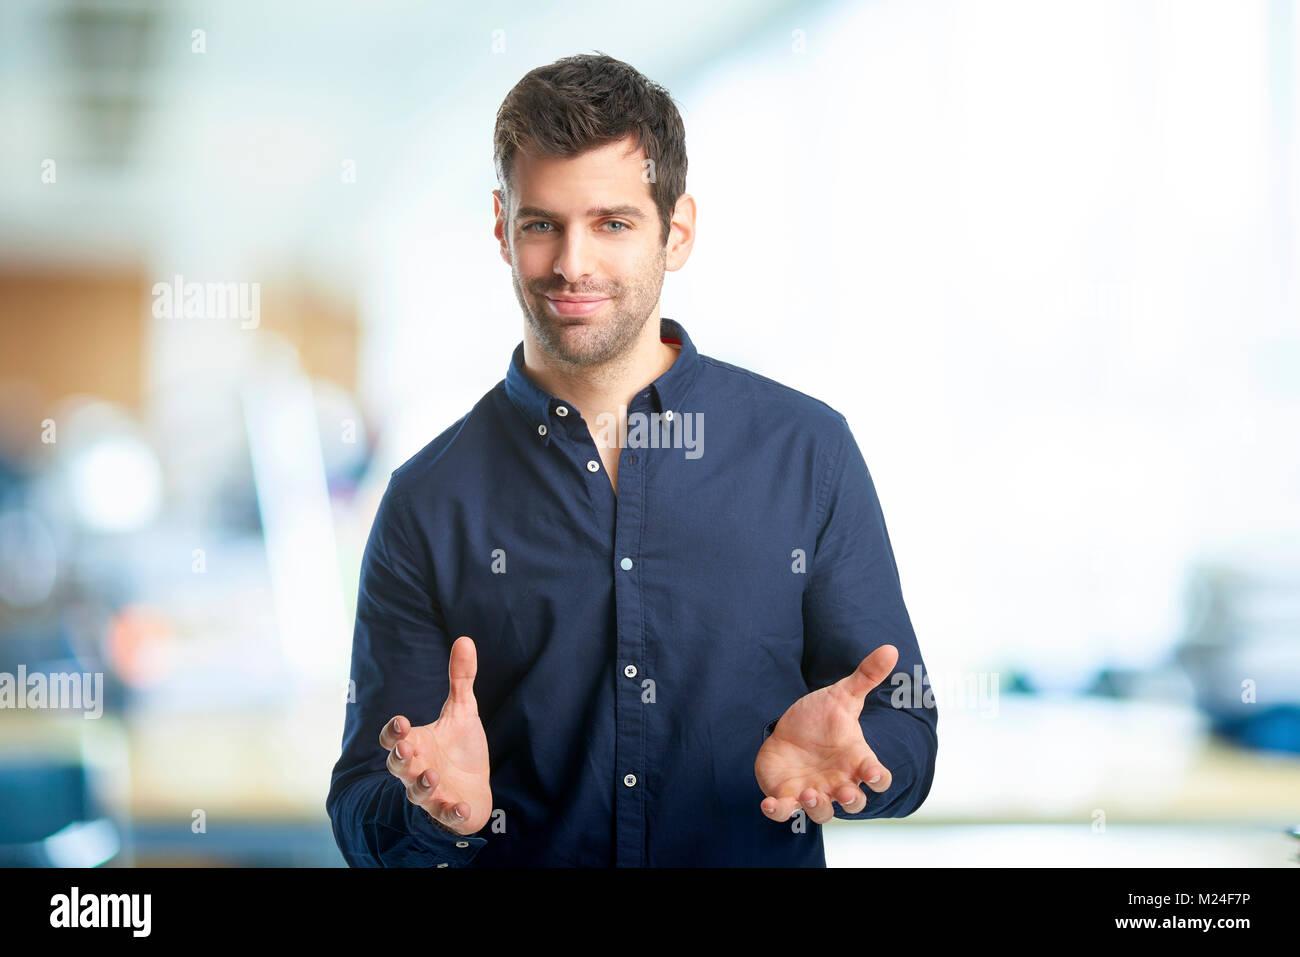 Retrato de sonriente joven empresario de pie con los brazos levantados en la oficina. Imagen De Stock